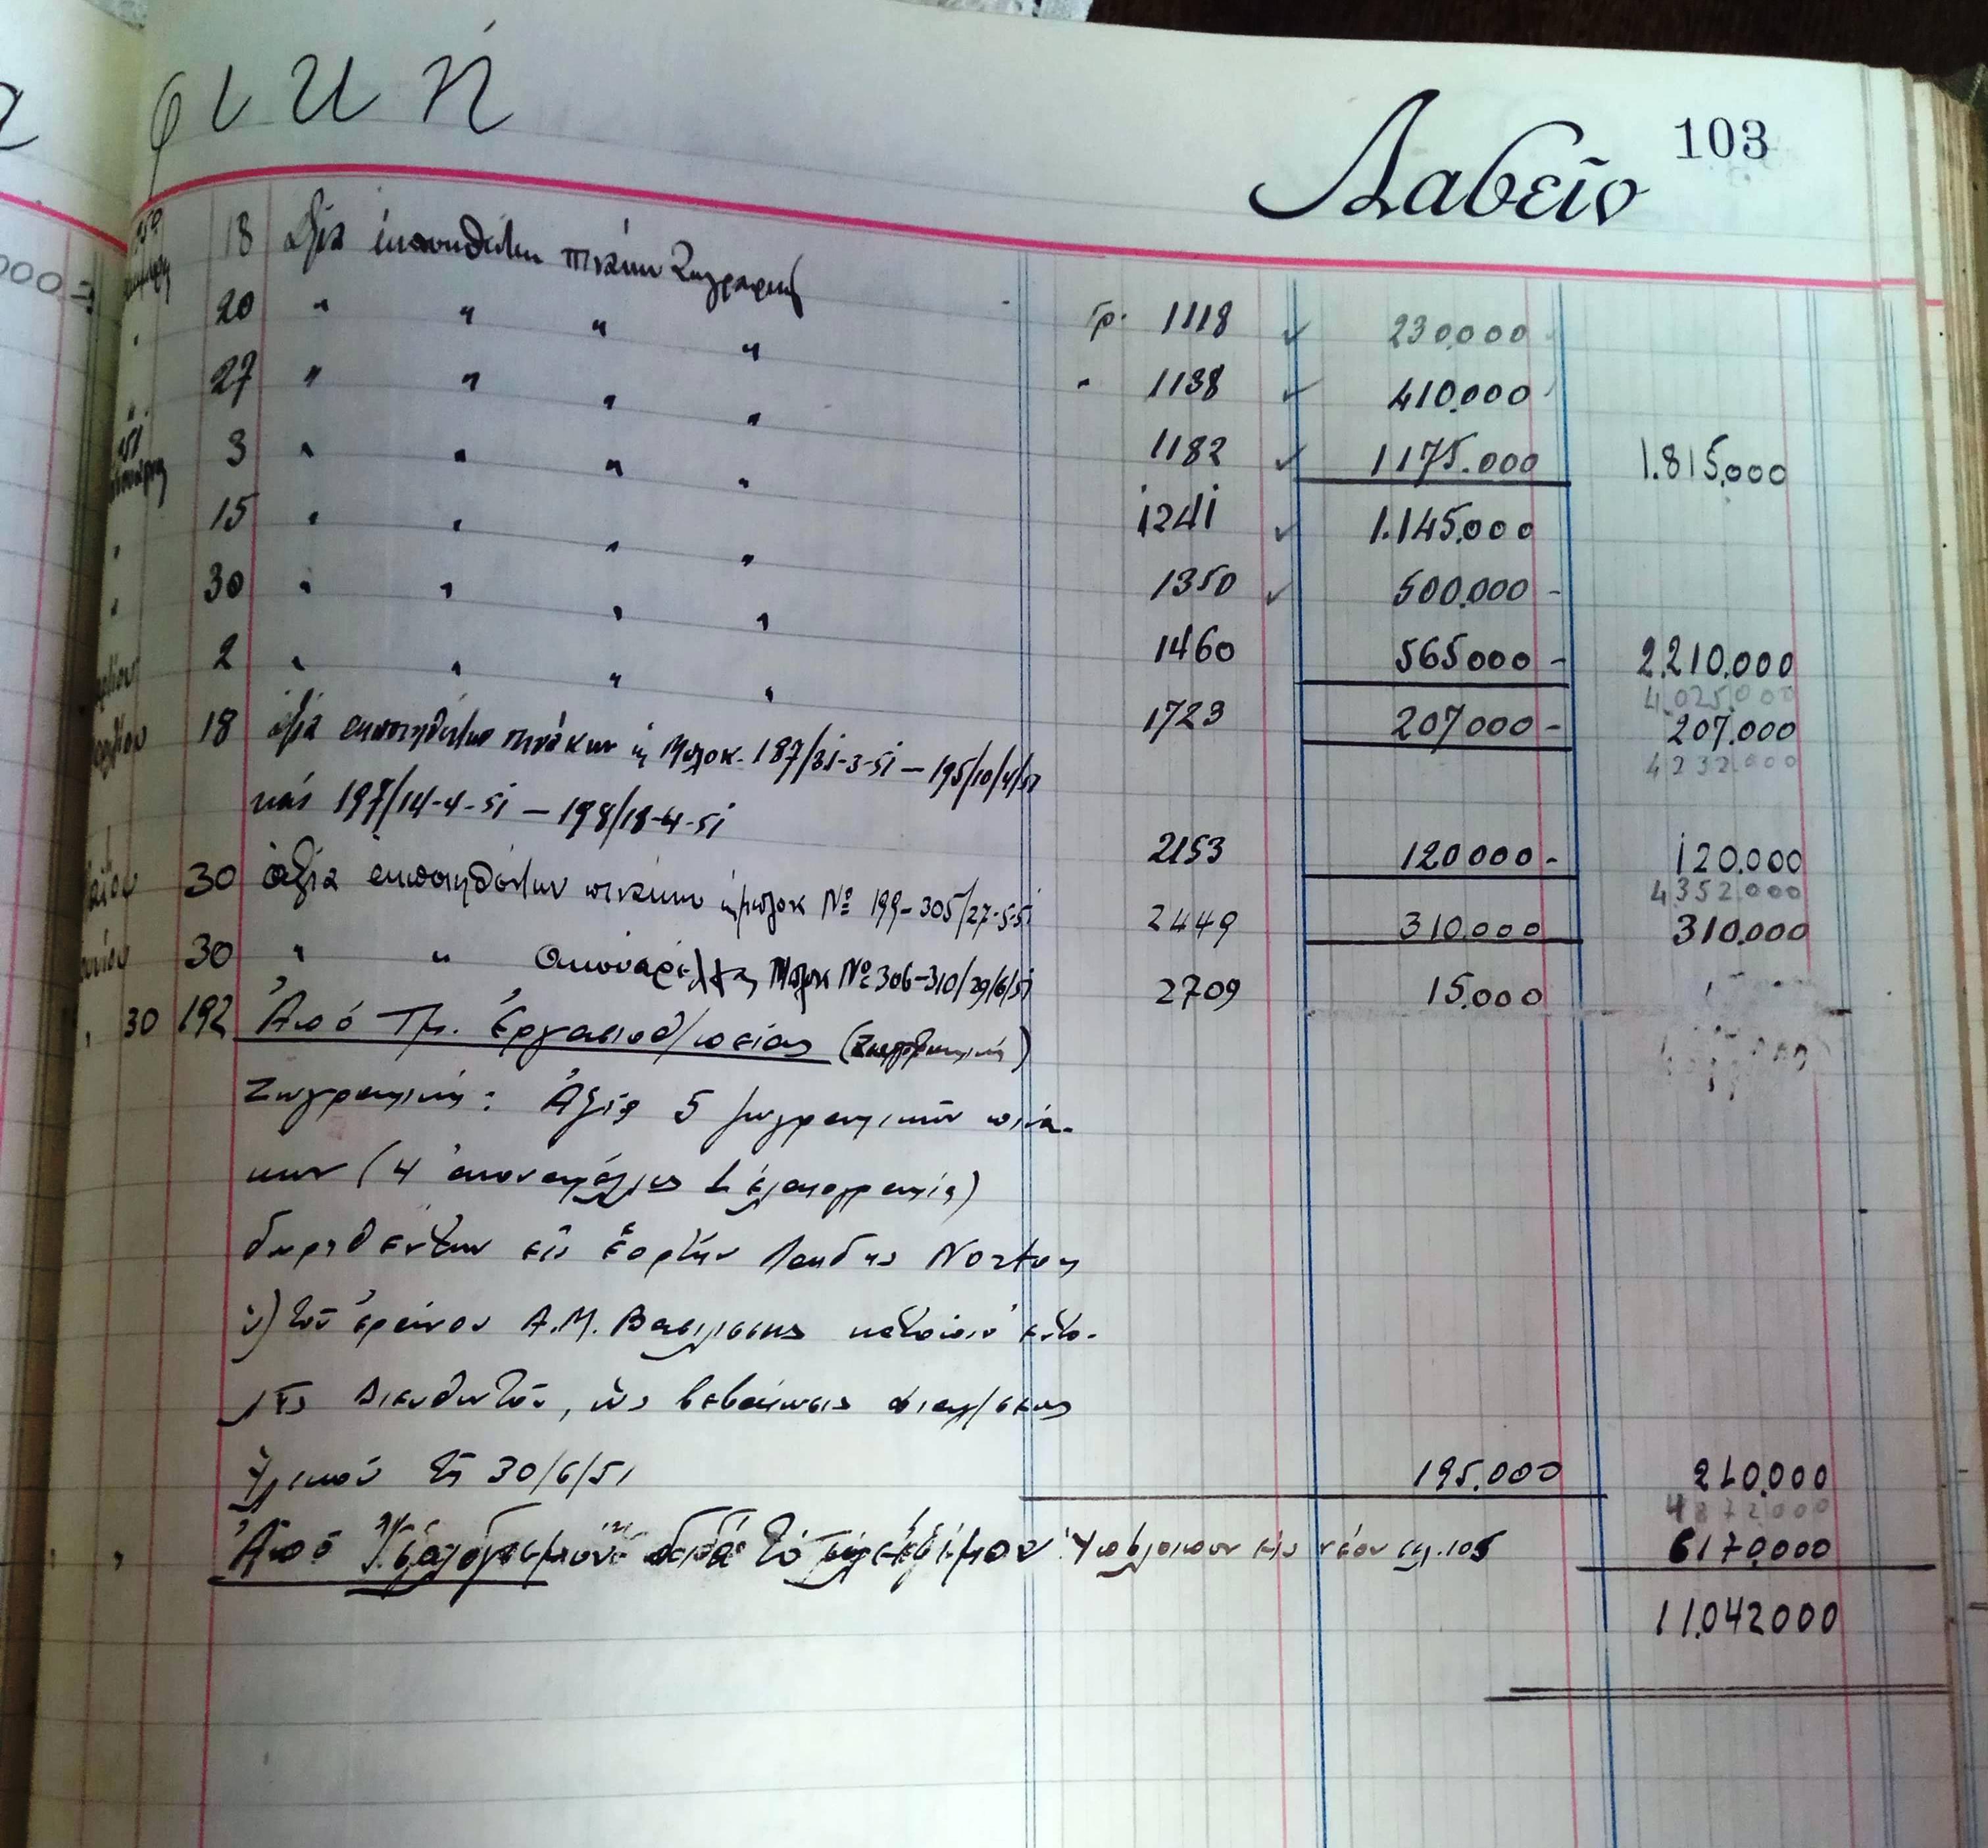 Βιβλίο εξόδων. Δαπάνες για υλικά ζωγραφικής. Αρχείο Δρομοκαΐτειου Νοσοκομείου